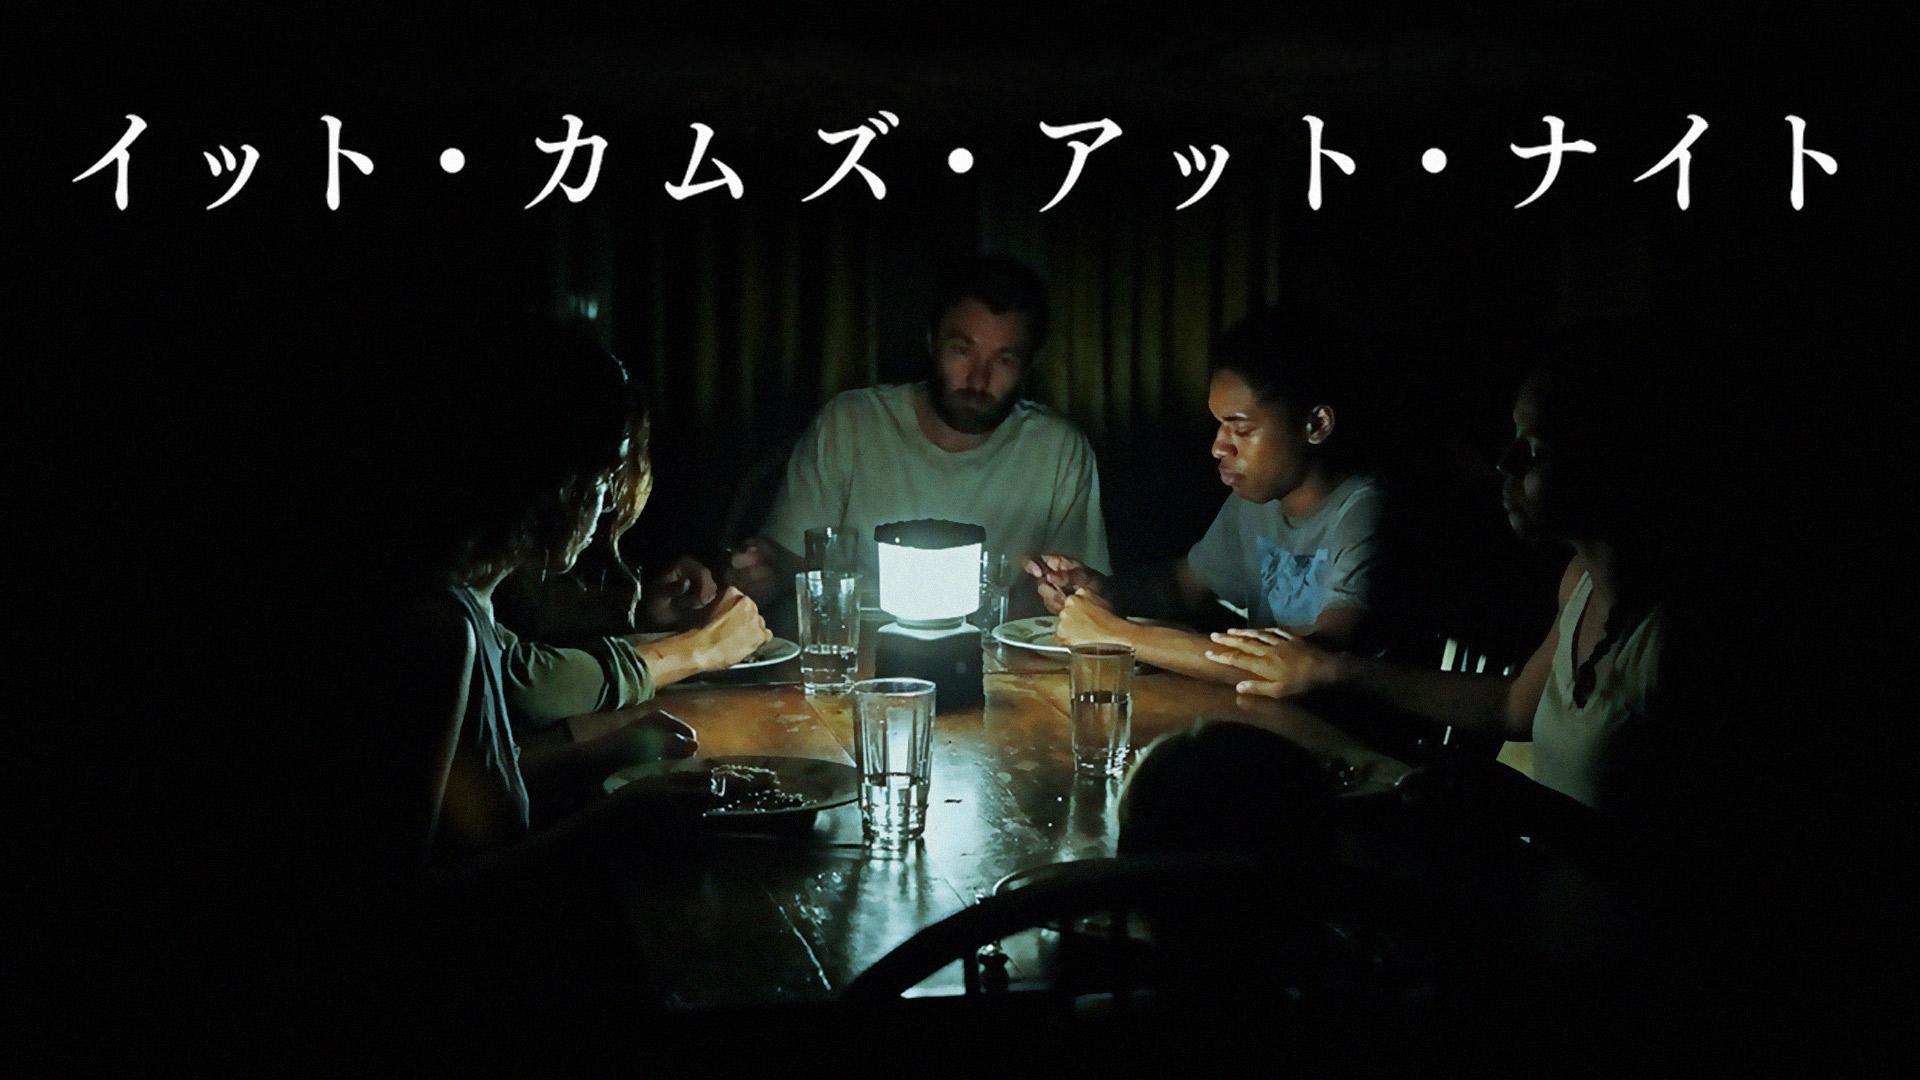 イット・カムズ・アット・ナイト(字幕版)